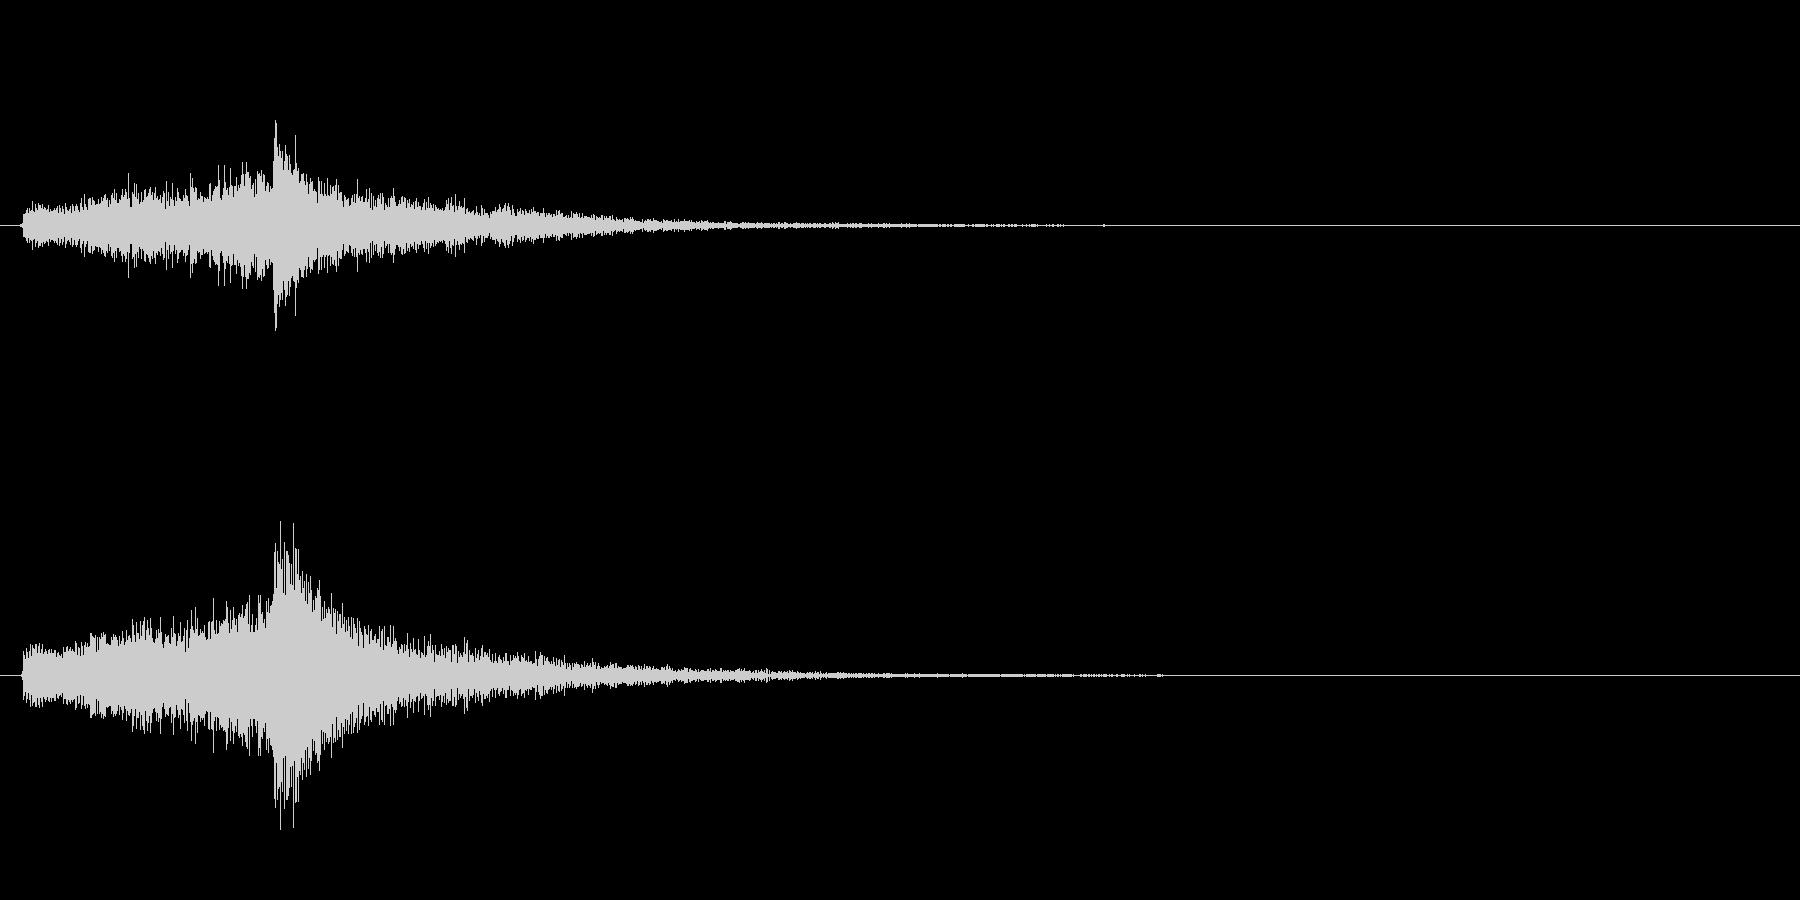 日本らしいアプローチ・和風キャラの登場音の未再生の波形